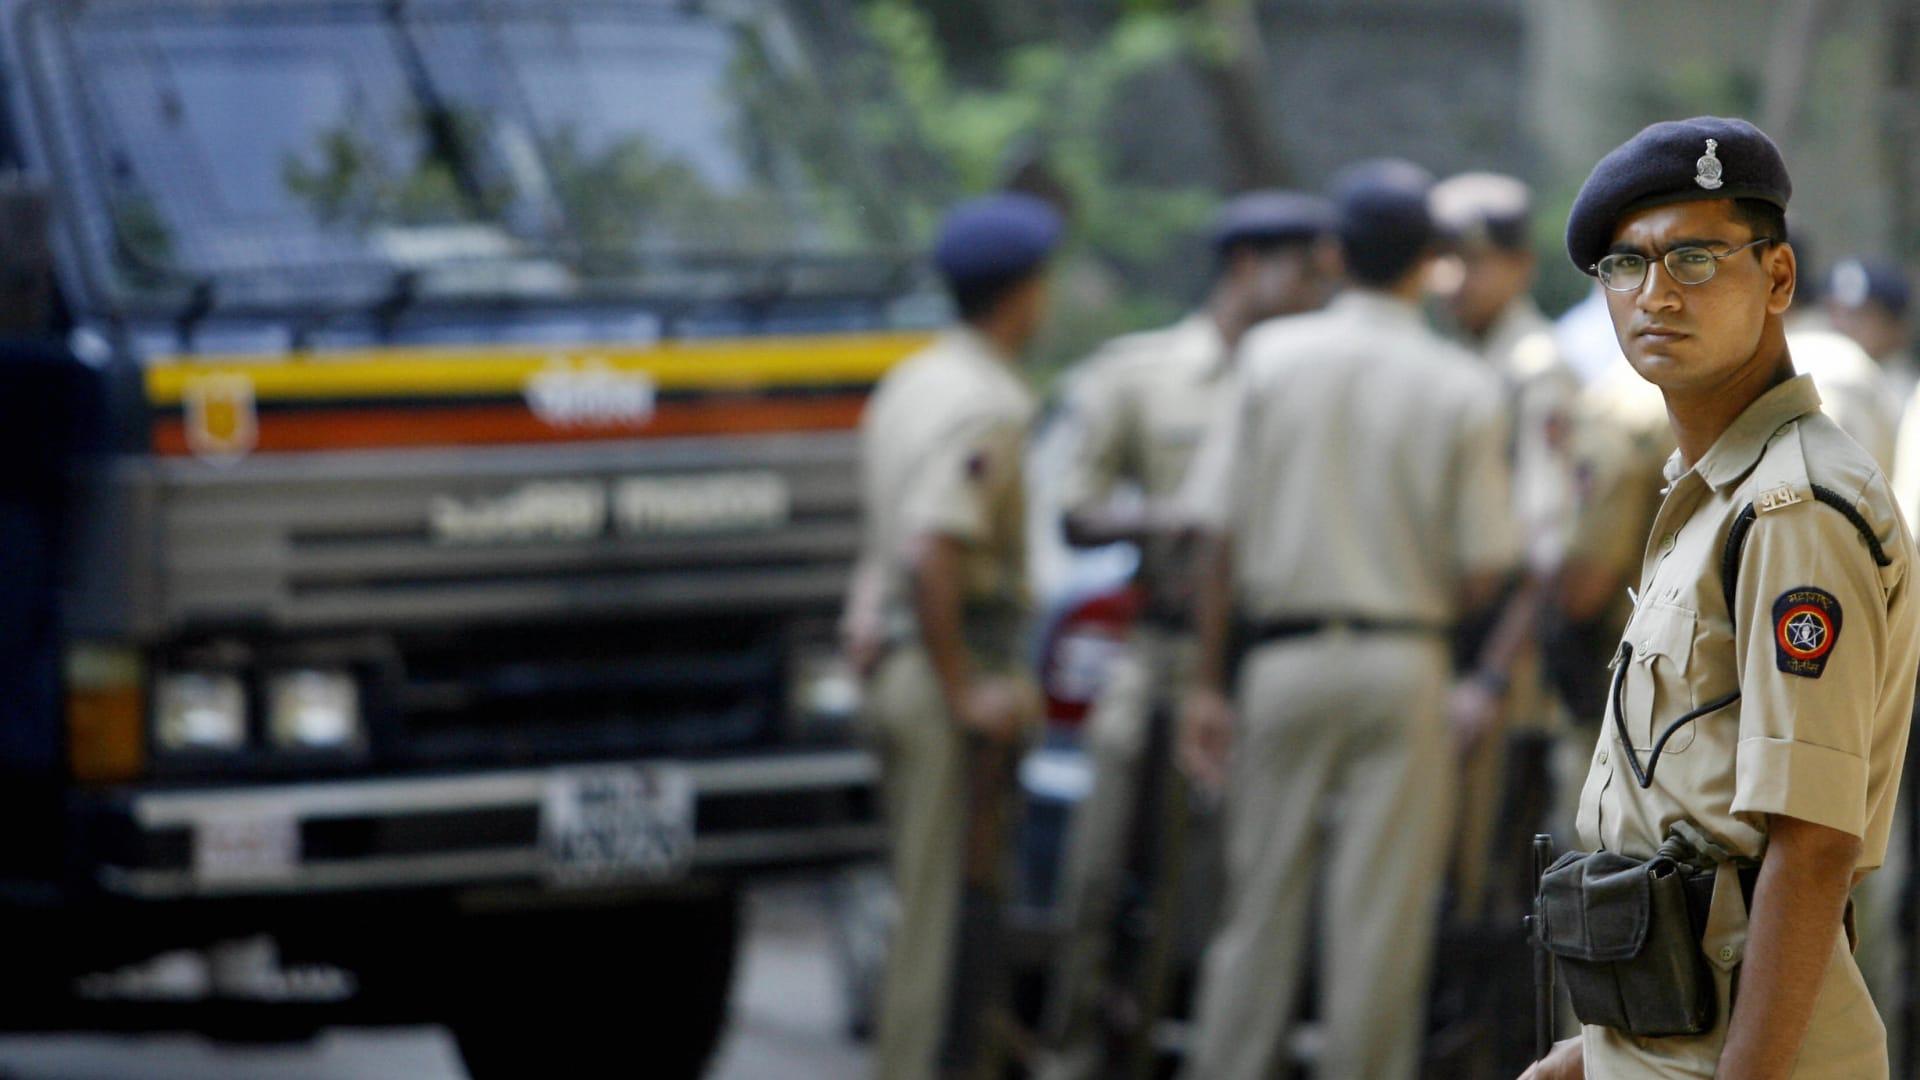 الهند.. مثتل امرأة بعد تعرضها للاغتصاب والاعتداء بقضيب حديدي